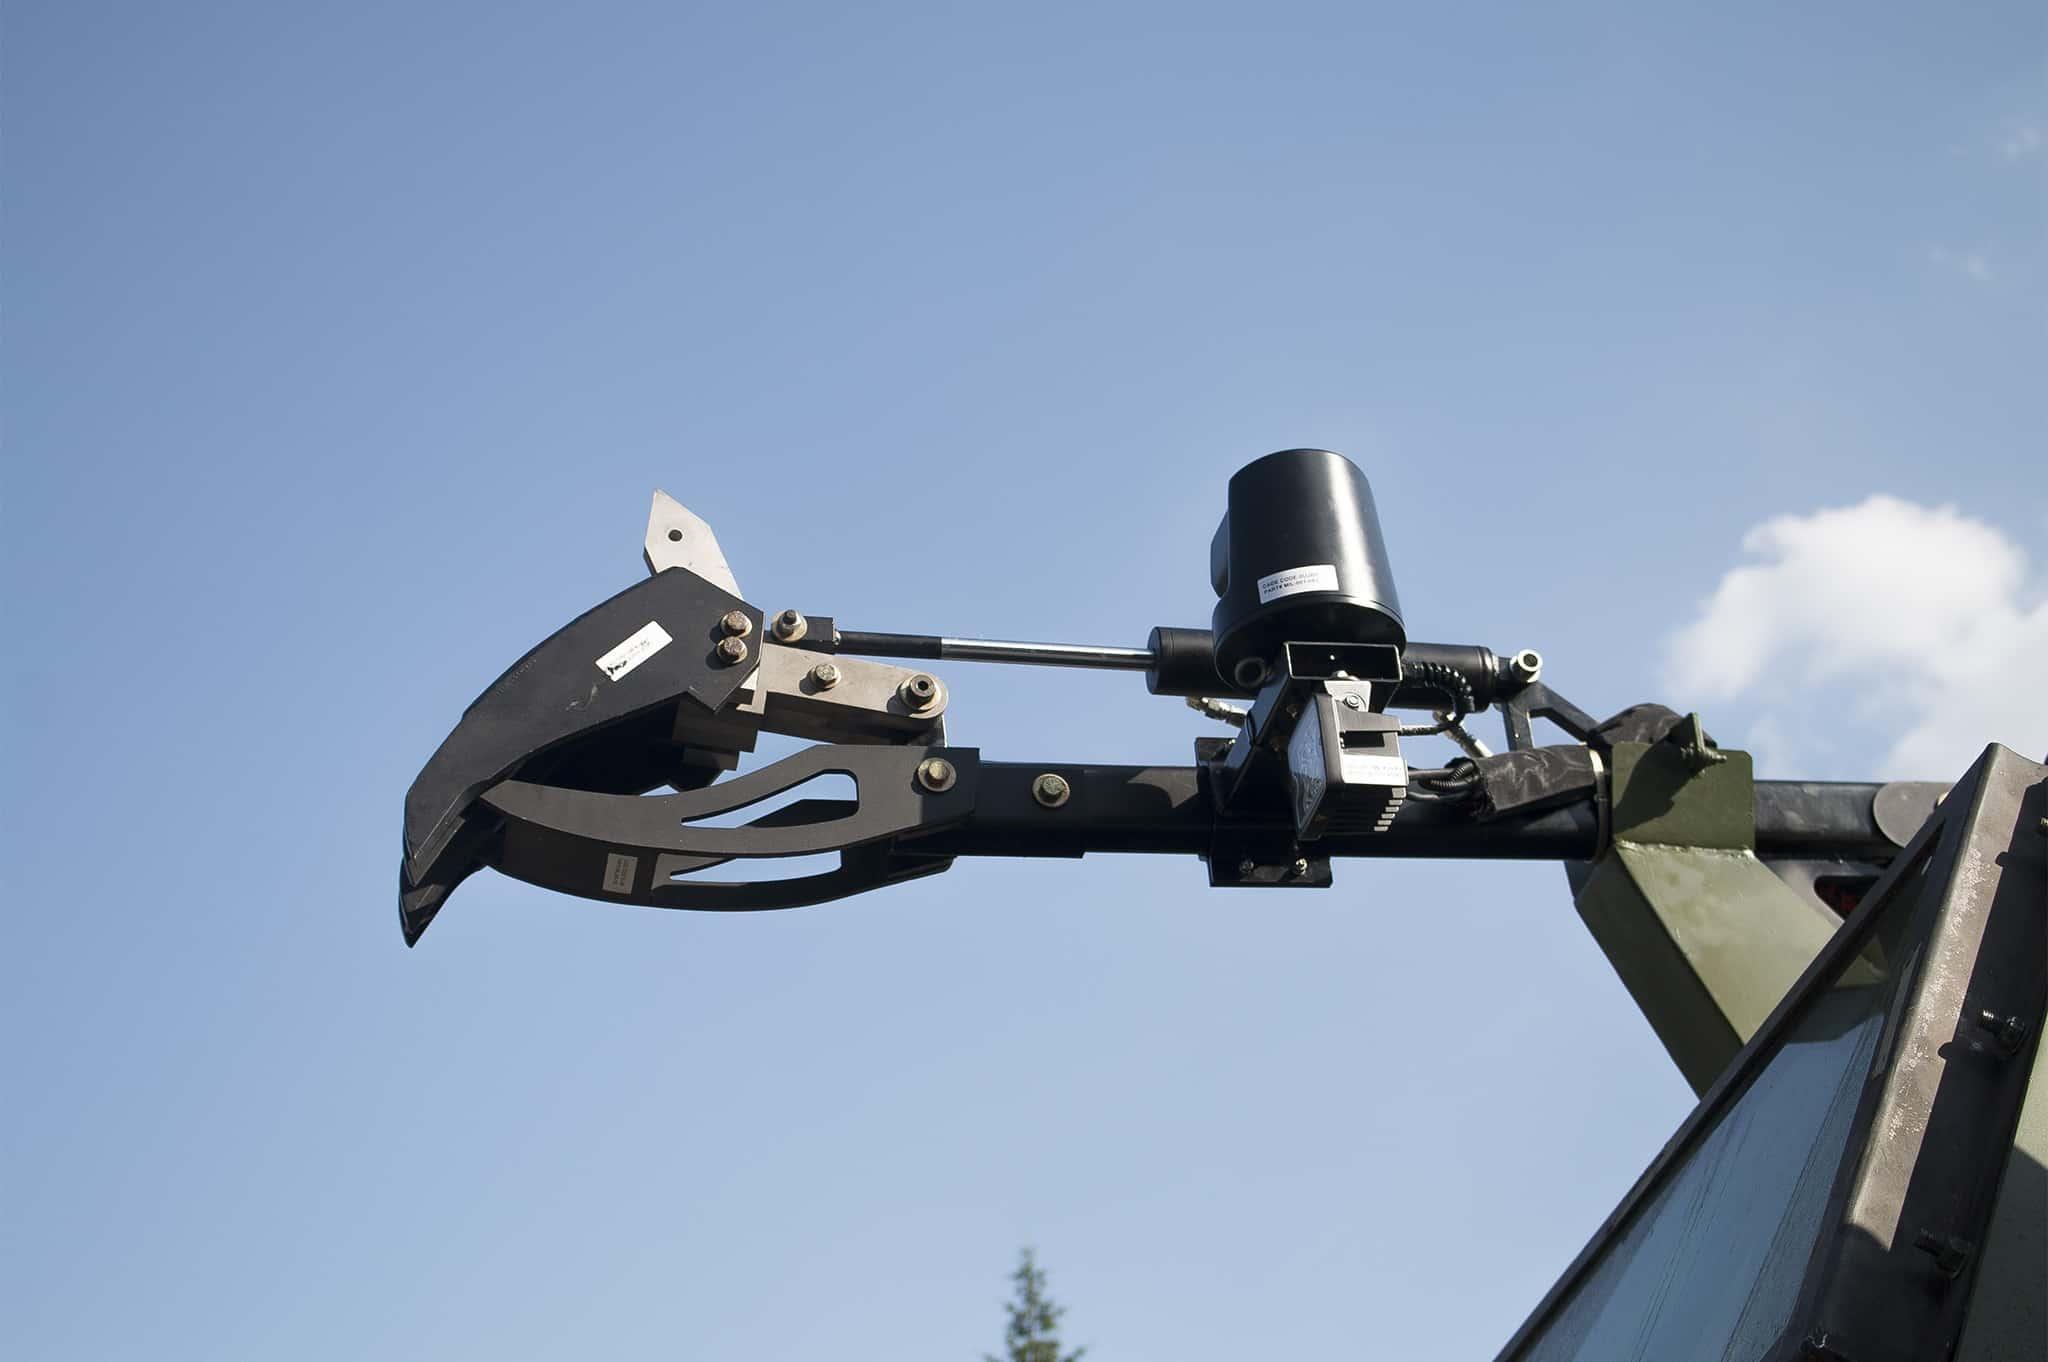 Спеціальний маніпулятор на автомобілі «Шрек-М»